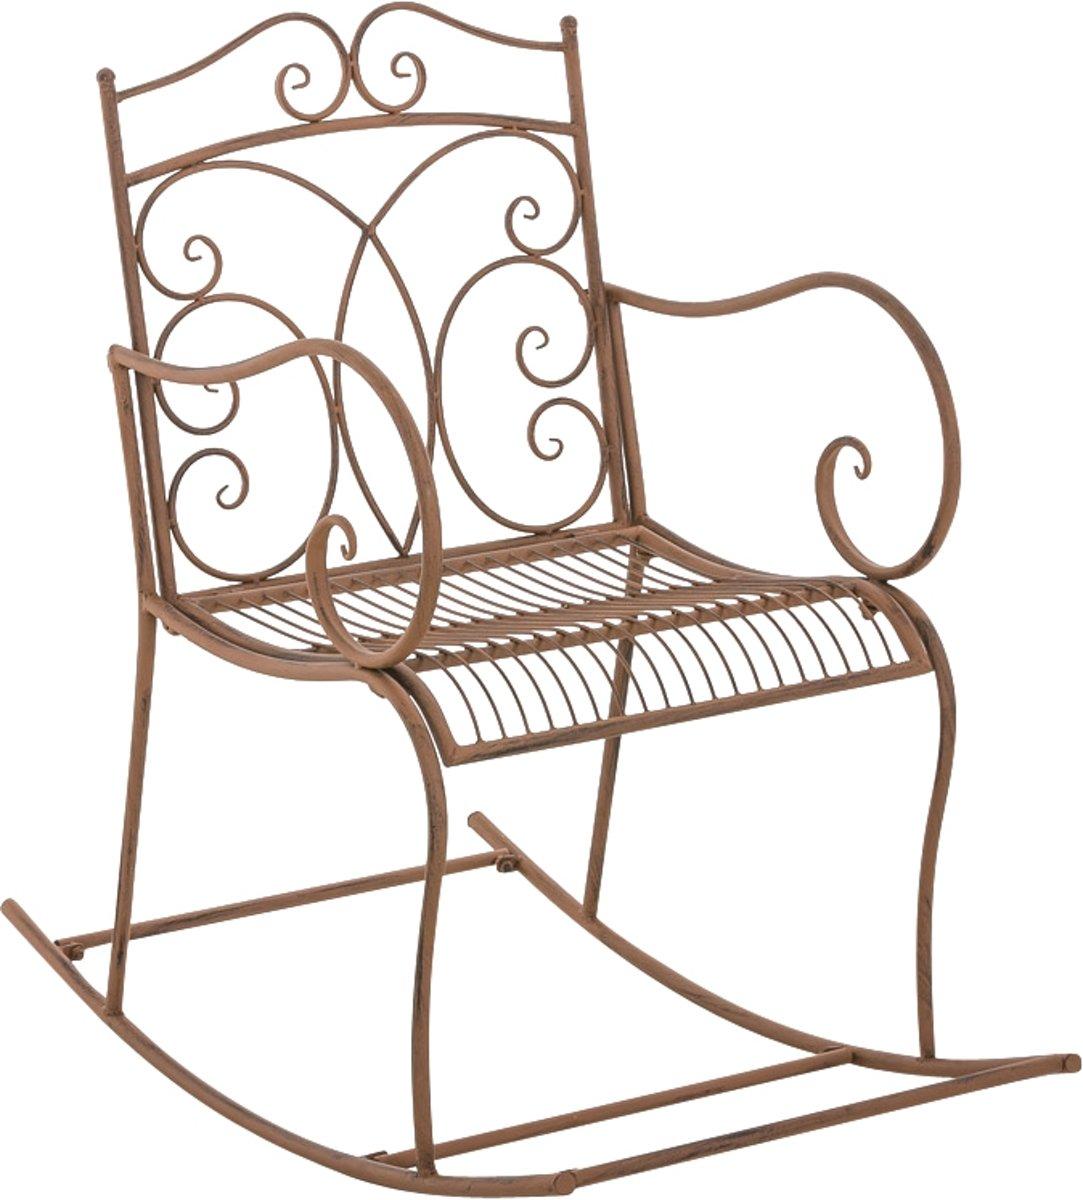 Clp Schommelstoel EDITH, tuinstoel, terrasstoel, balkonstoel, vintage, country live stijl, retro, nostalgisch, landhuisstijl, relaxstoel - antiek-brui